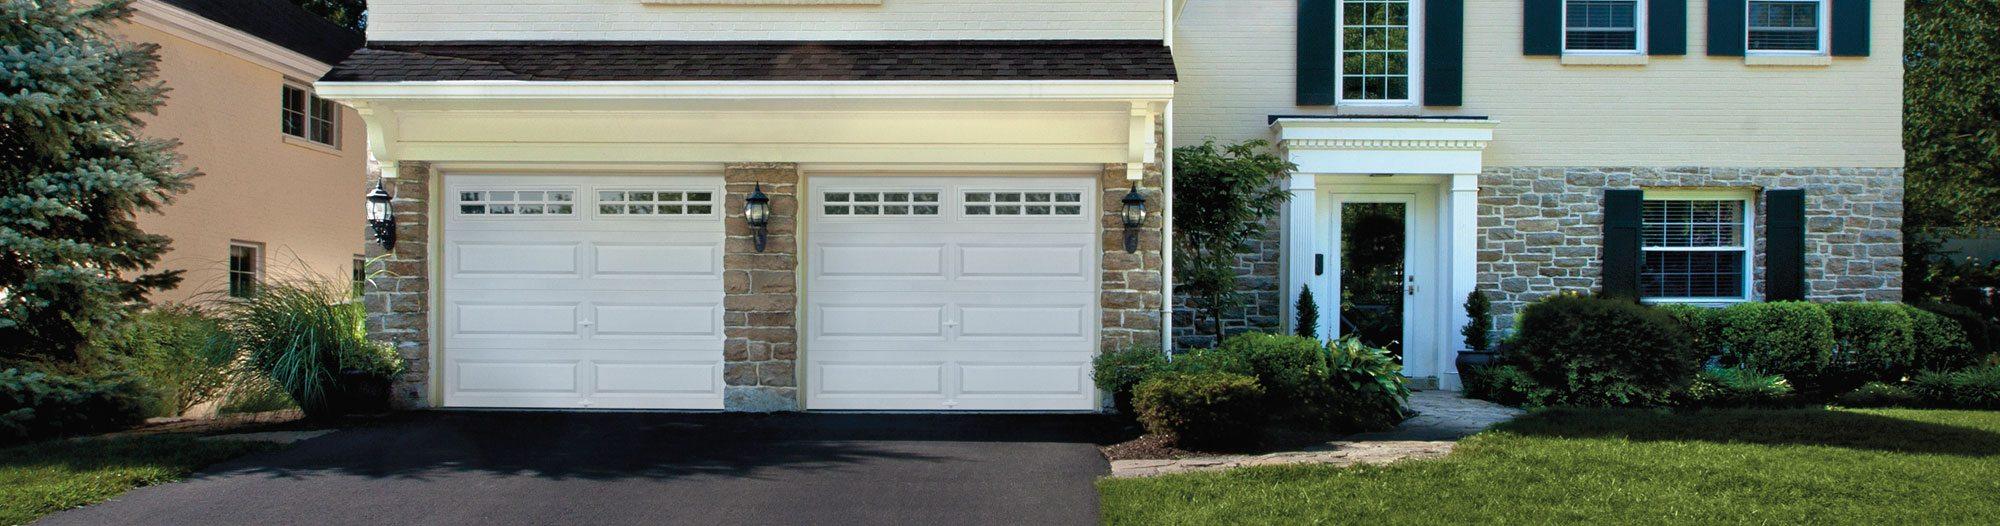 Buy liftmaster 8355 garage door opener nashville tn for Garage door repair smyrna